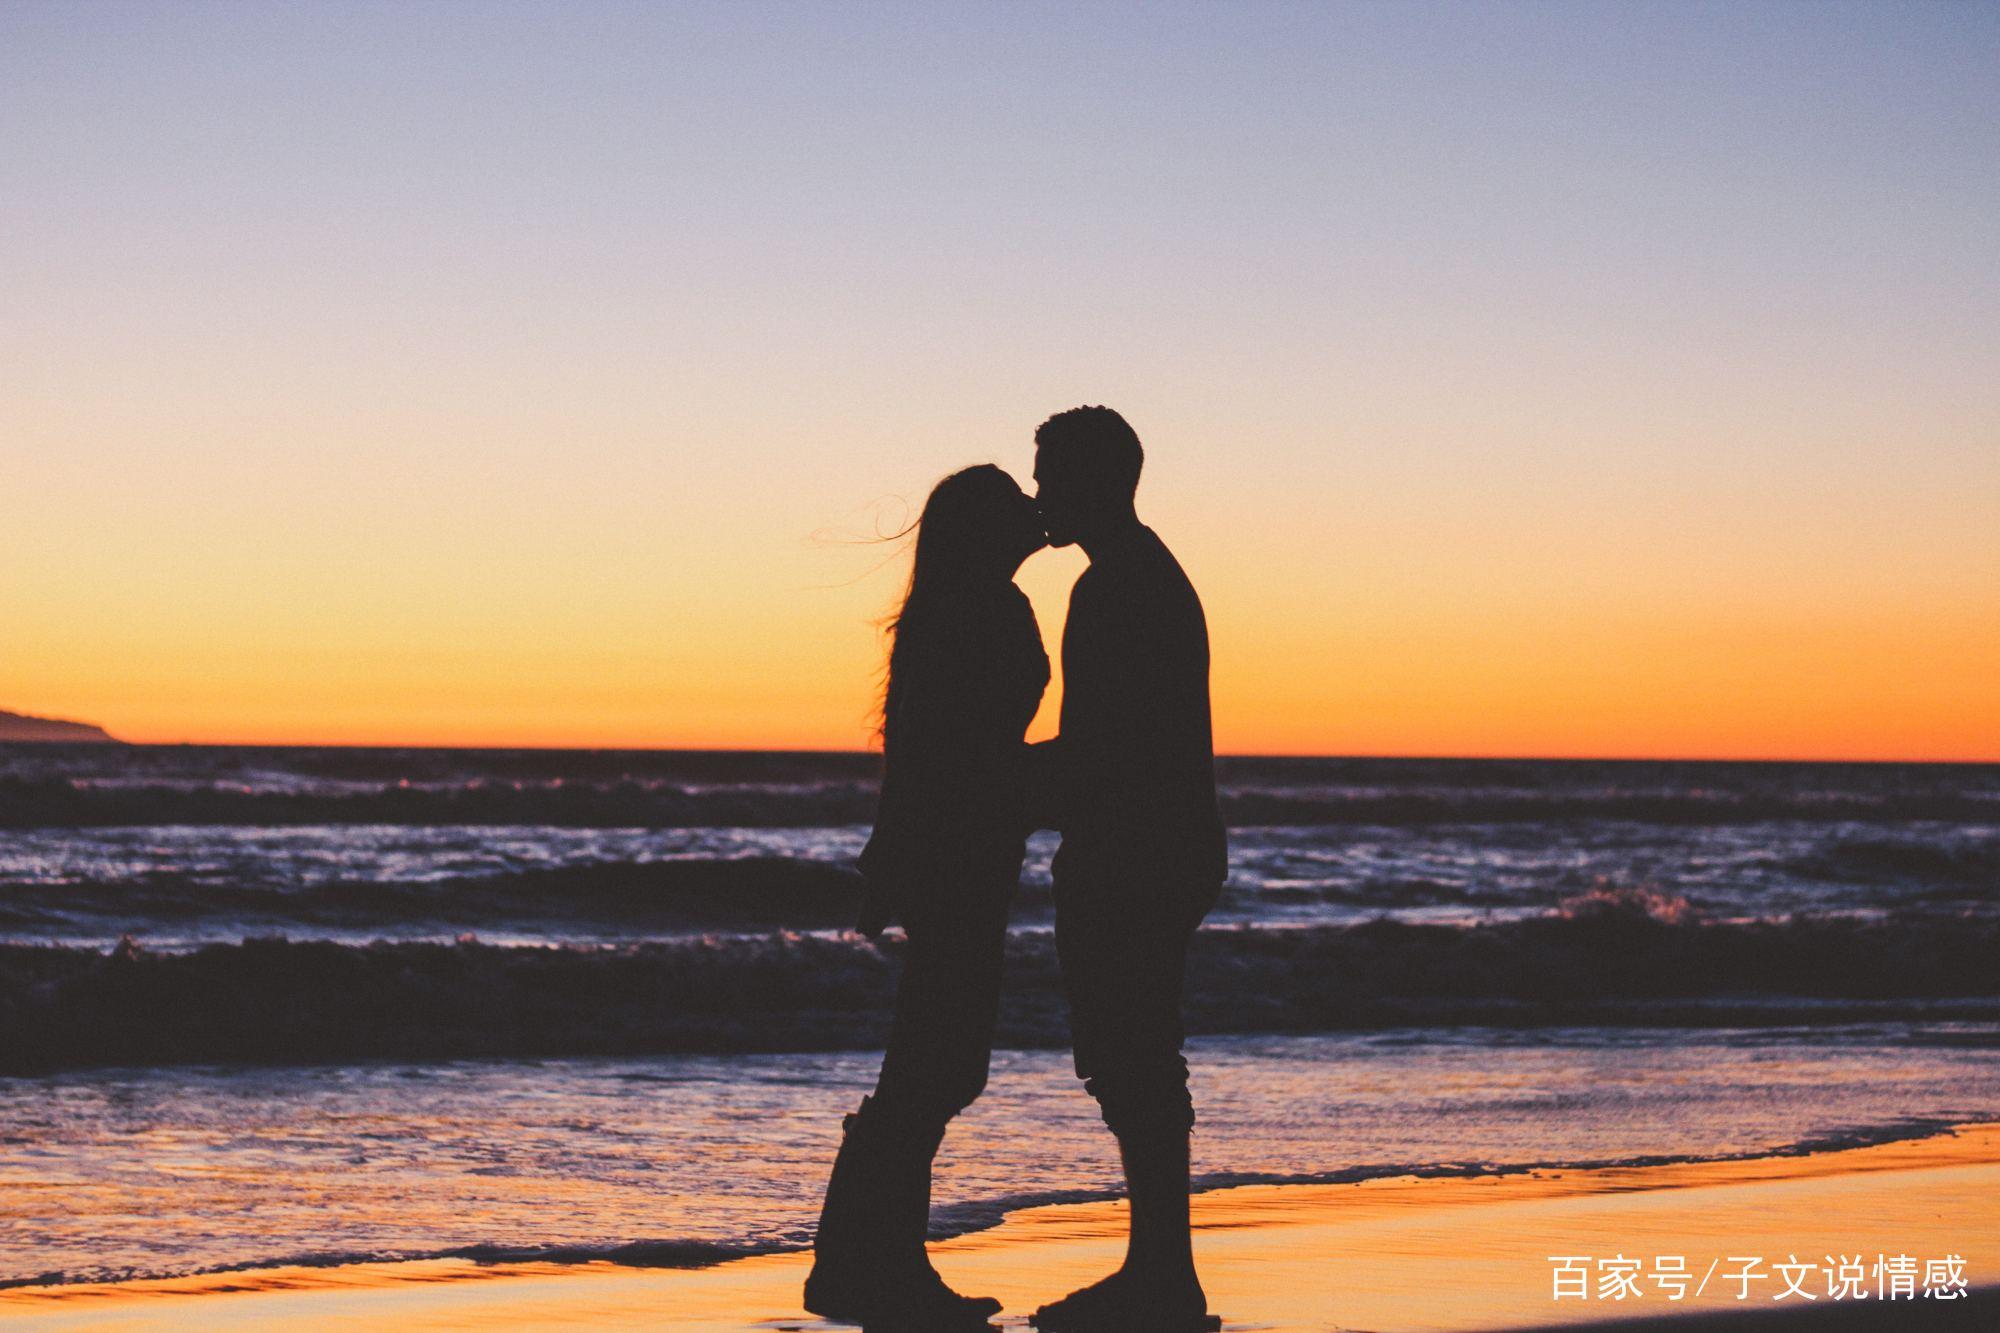 30岁后,我的爱情观:遇到了对的人,情人节可以天天过